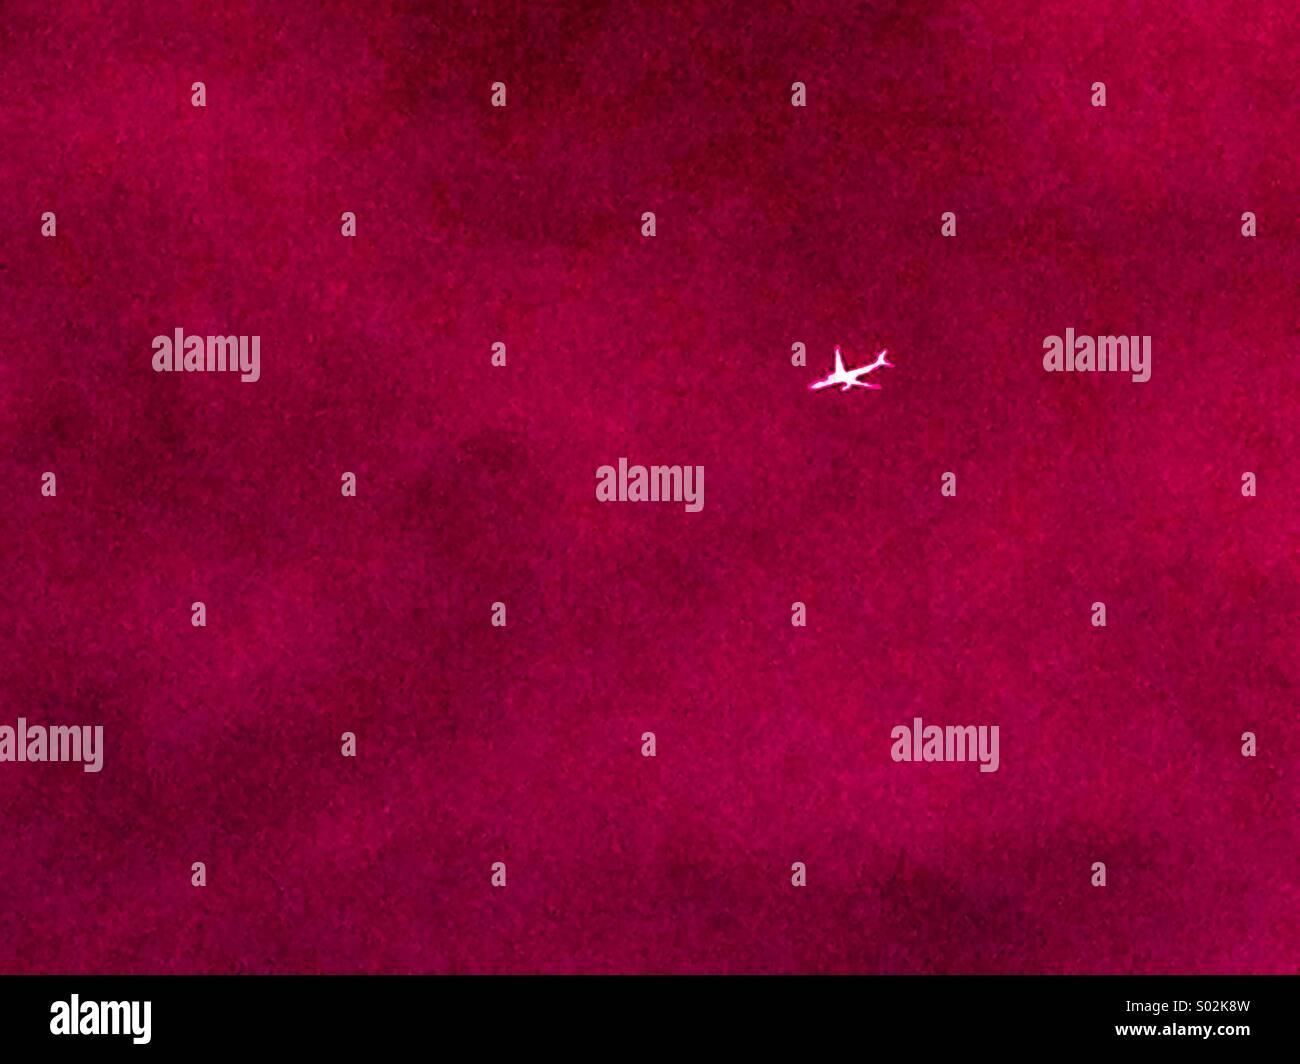 Plane shape - Stock Image